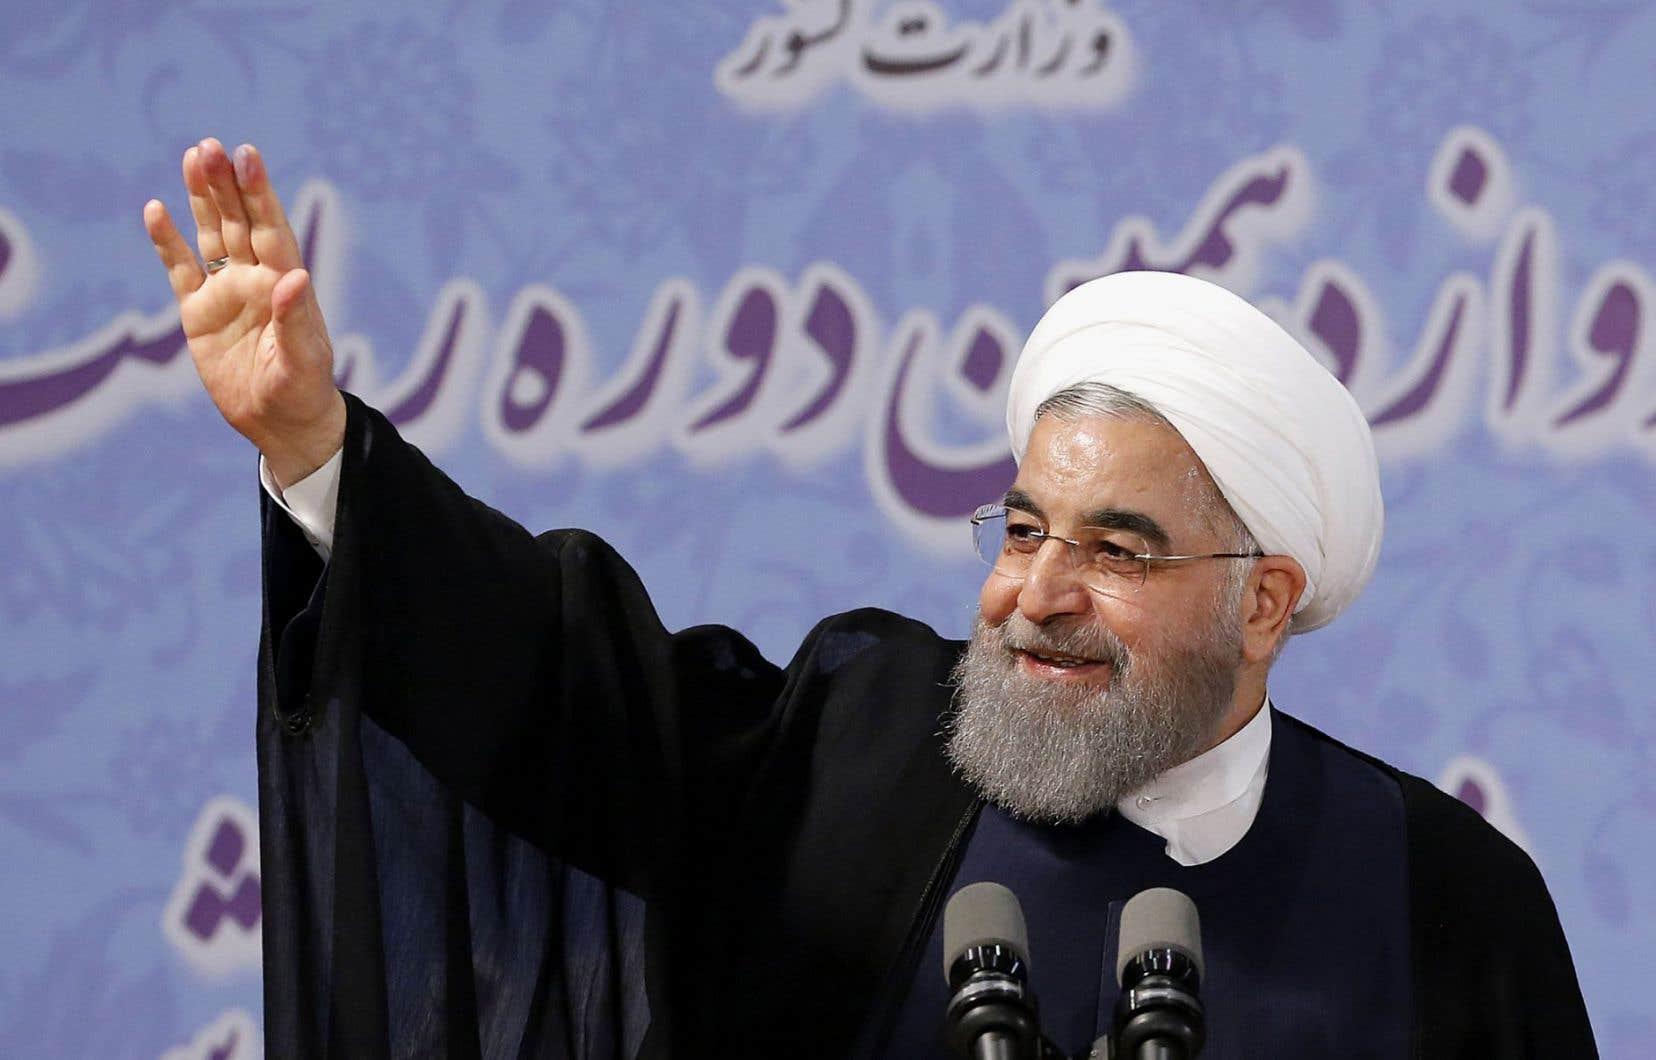 Au-delà même des rumeurs, Hassan Rohani est en bonne position, car tous les présidents iraniens ont eu deux mandats depuis le début des années 1980.